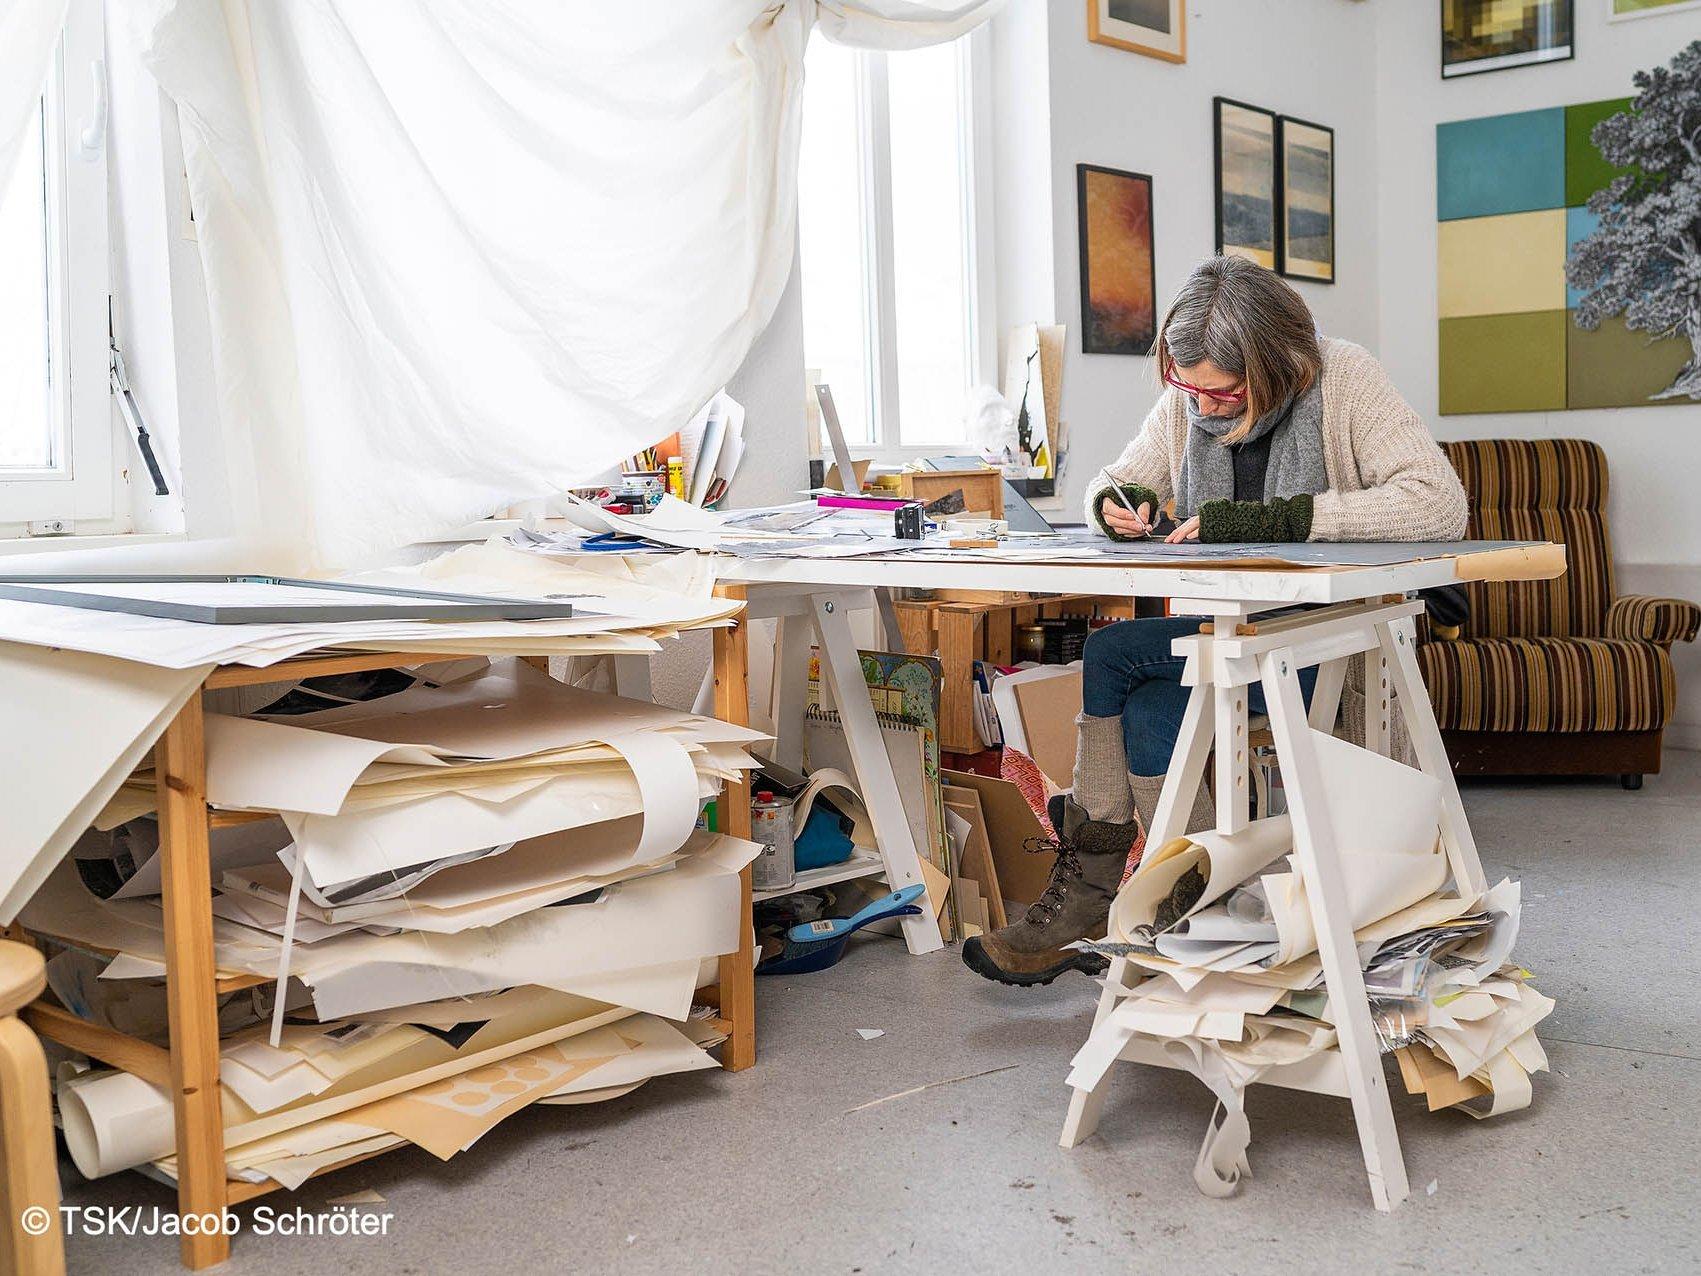 Die Künstlerin Sophie von Hayek bei der Arbeit in ihrem Atelier